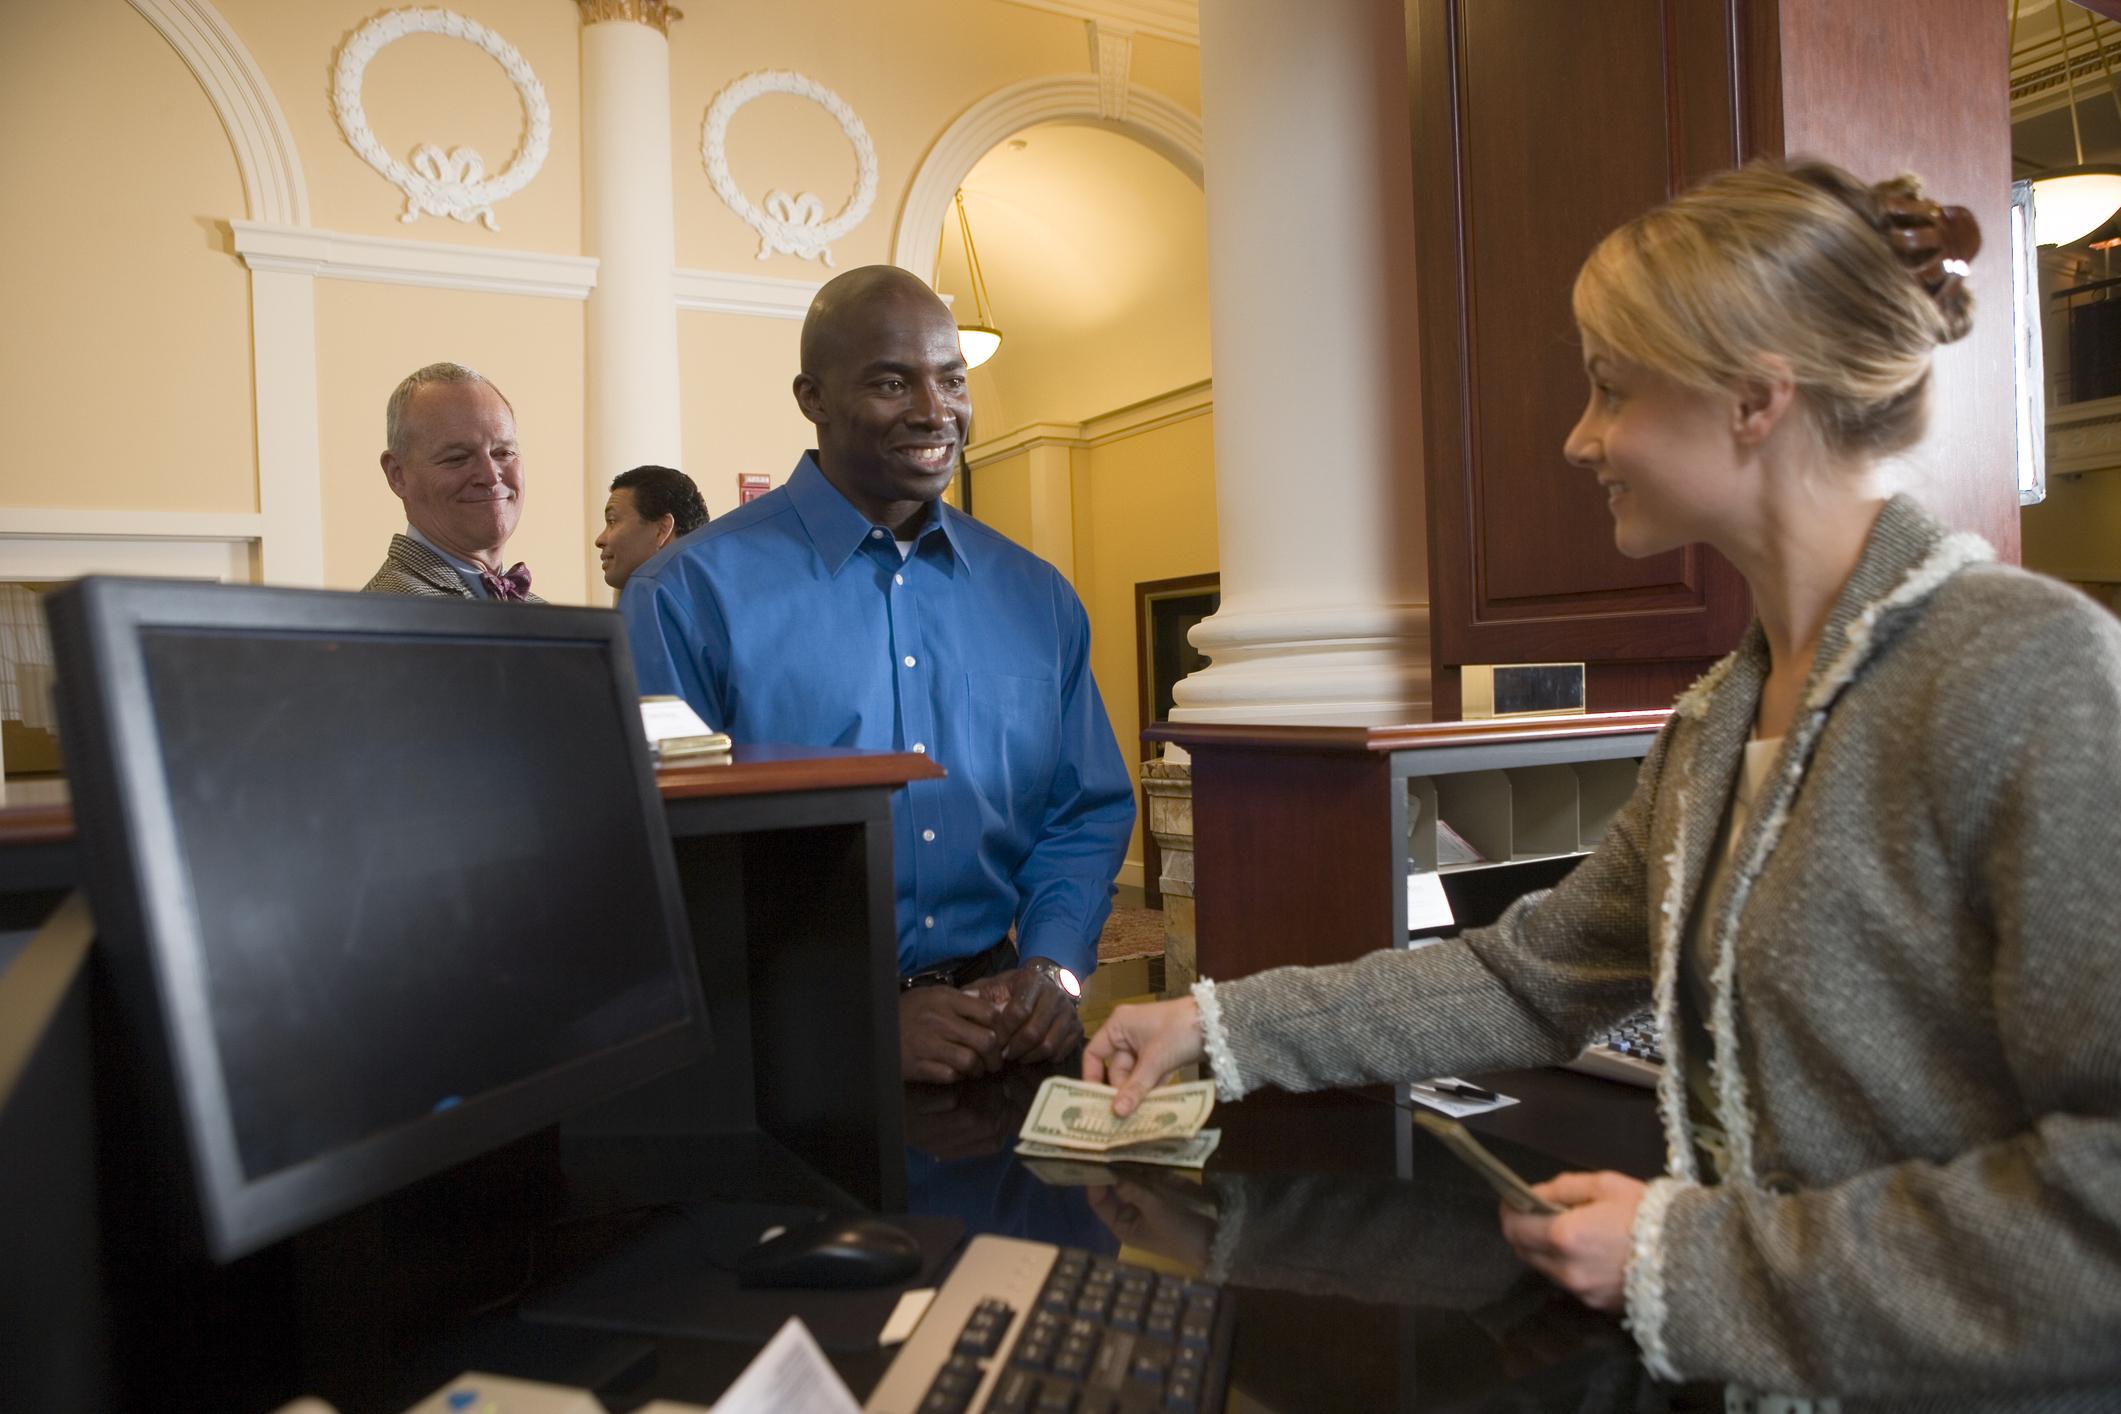 A bank teller aids a customer.